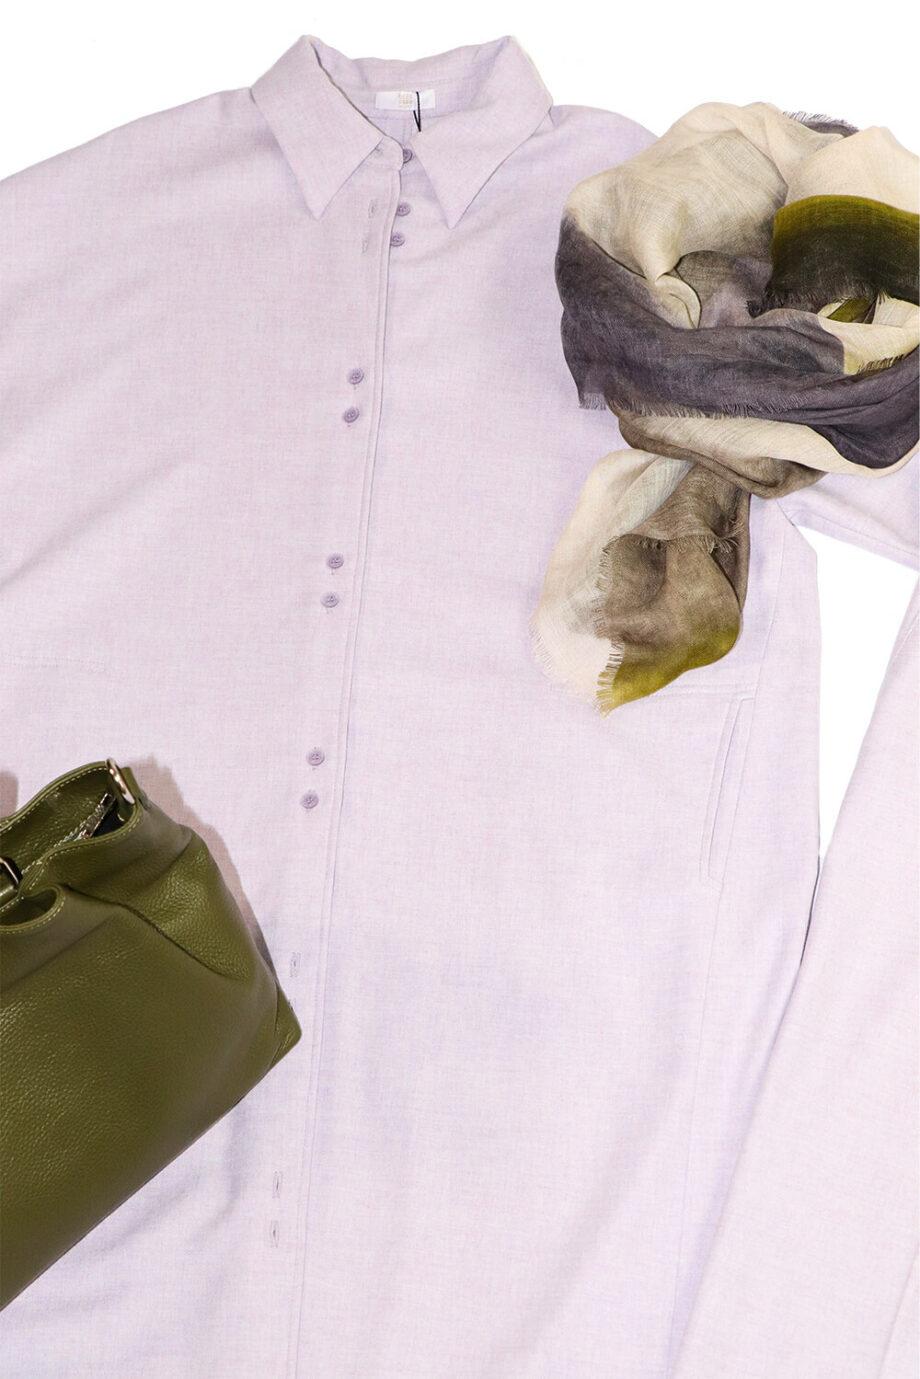 Flieder Herbstträume Outfit Nahaufnahme Pullover Hose Tuch Kleid Tasche